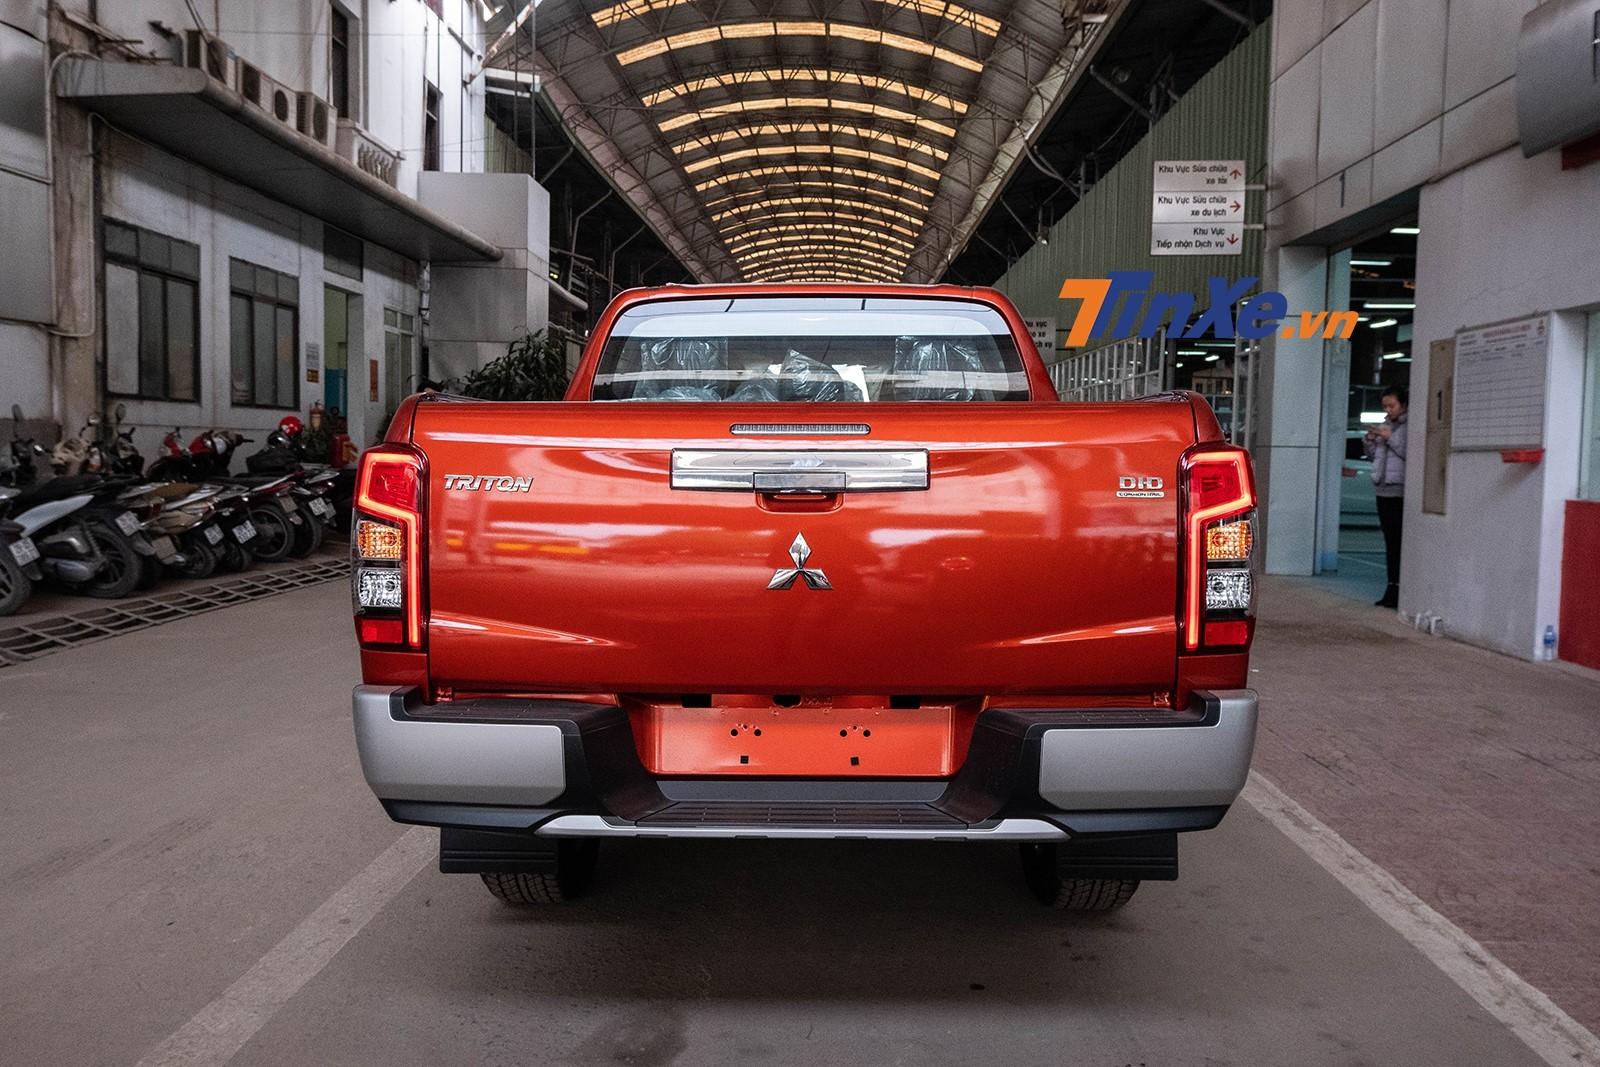 Thiết kế đuôi xe của Mitsubishi Triton 2019